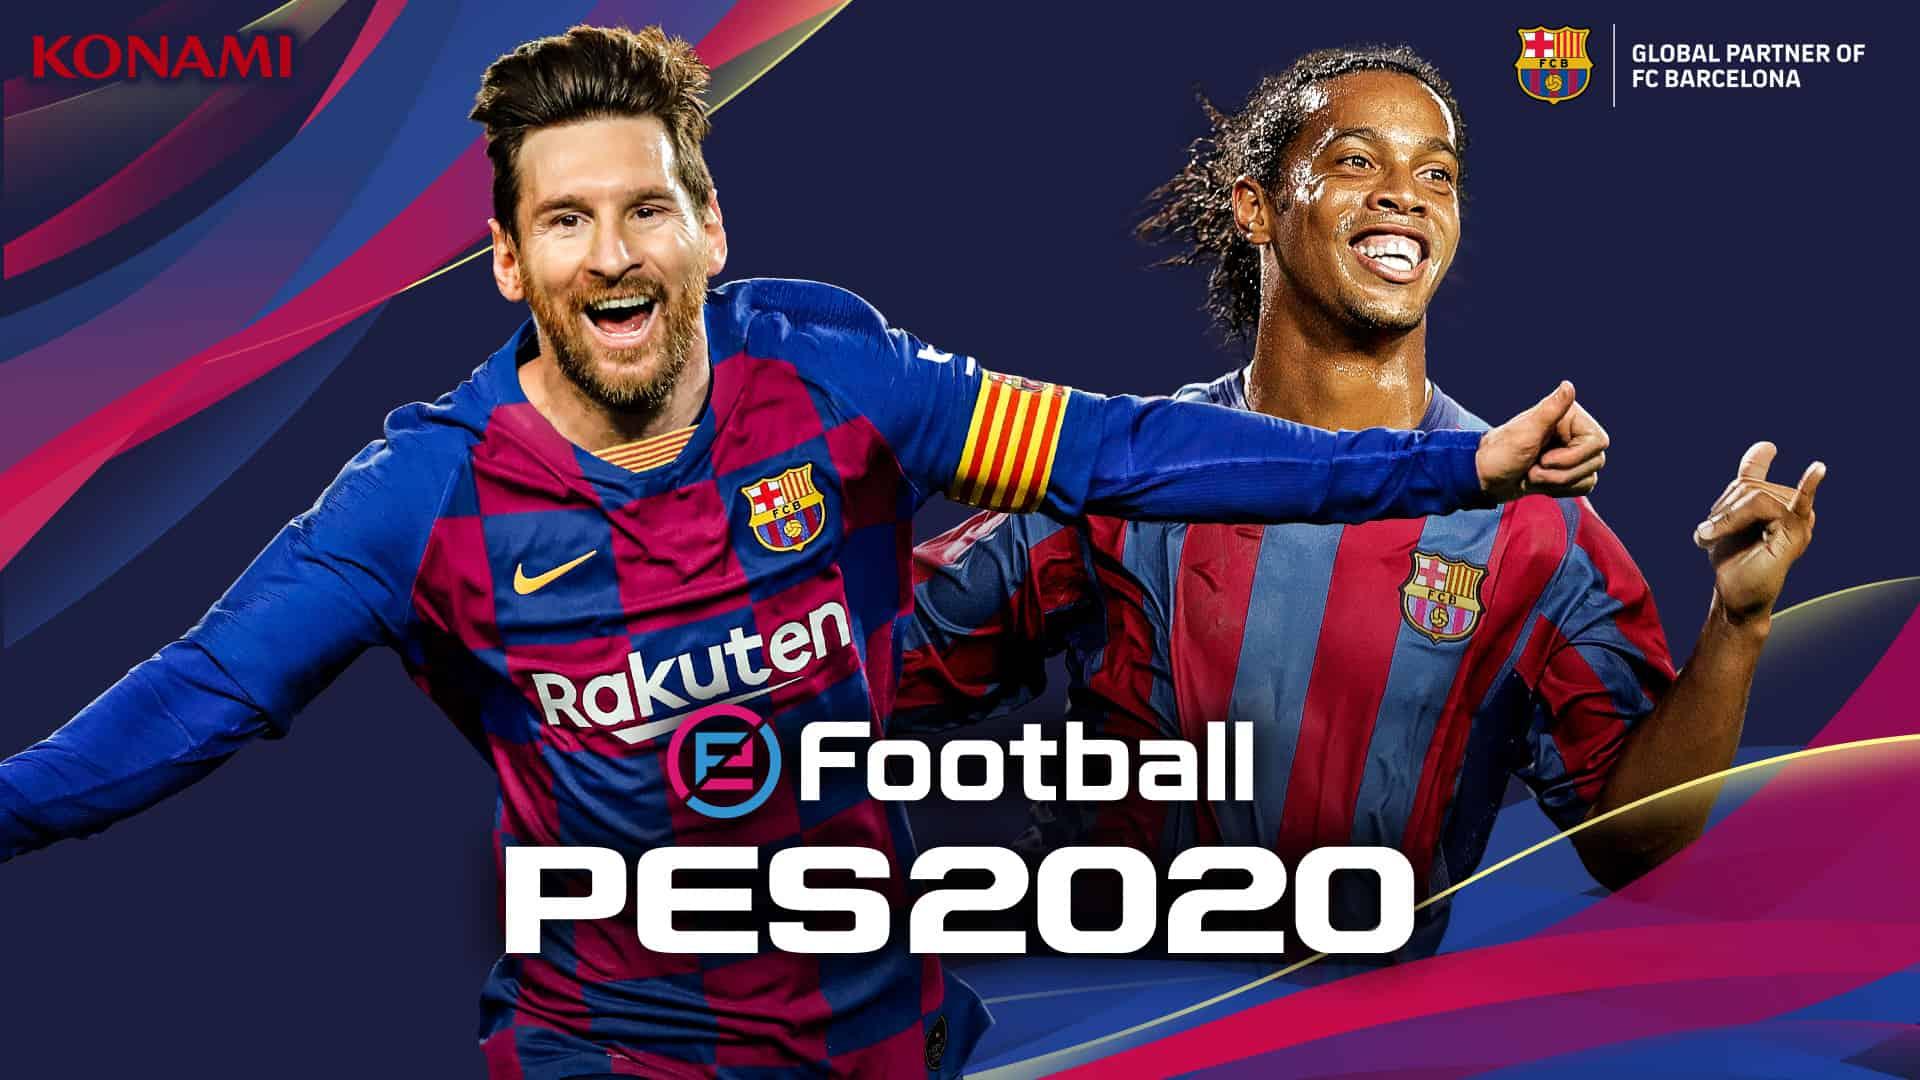 Trainer eFootball PES 2020